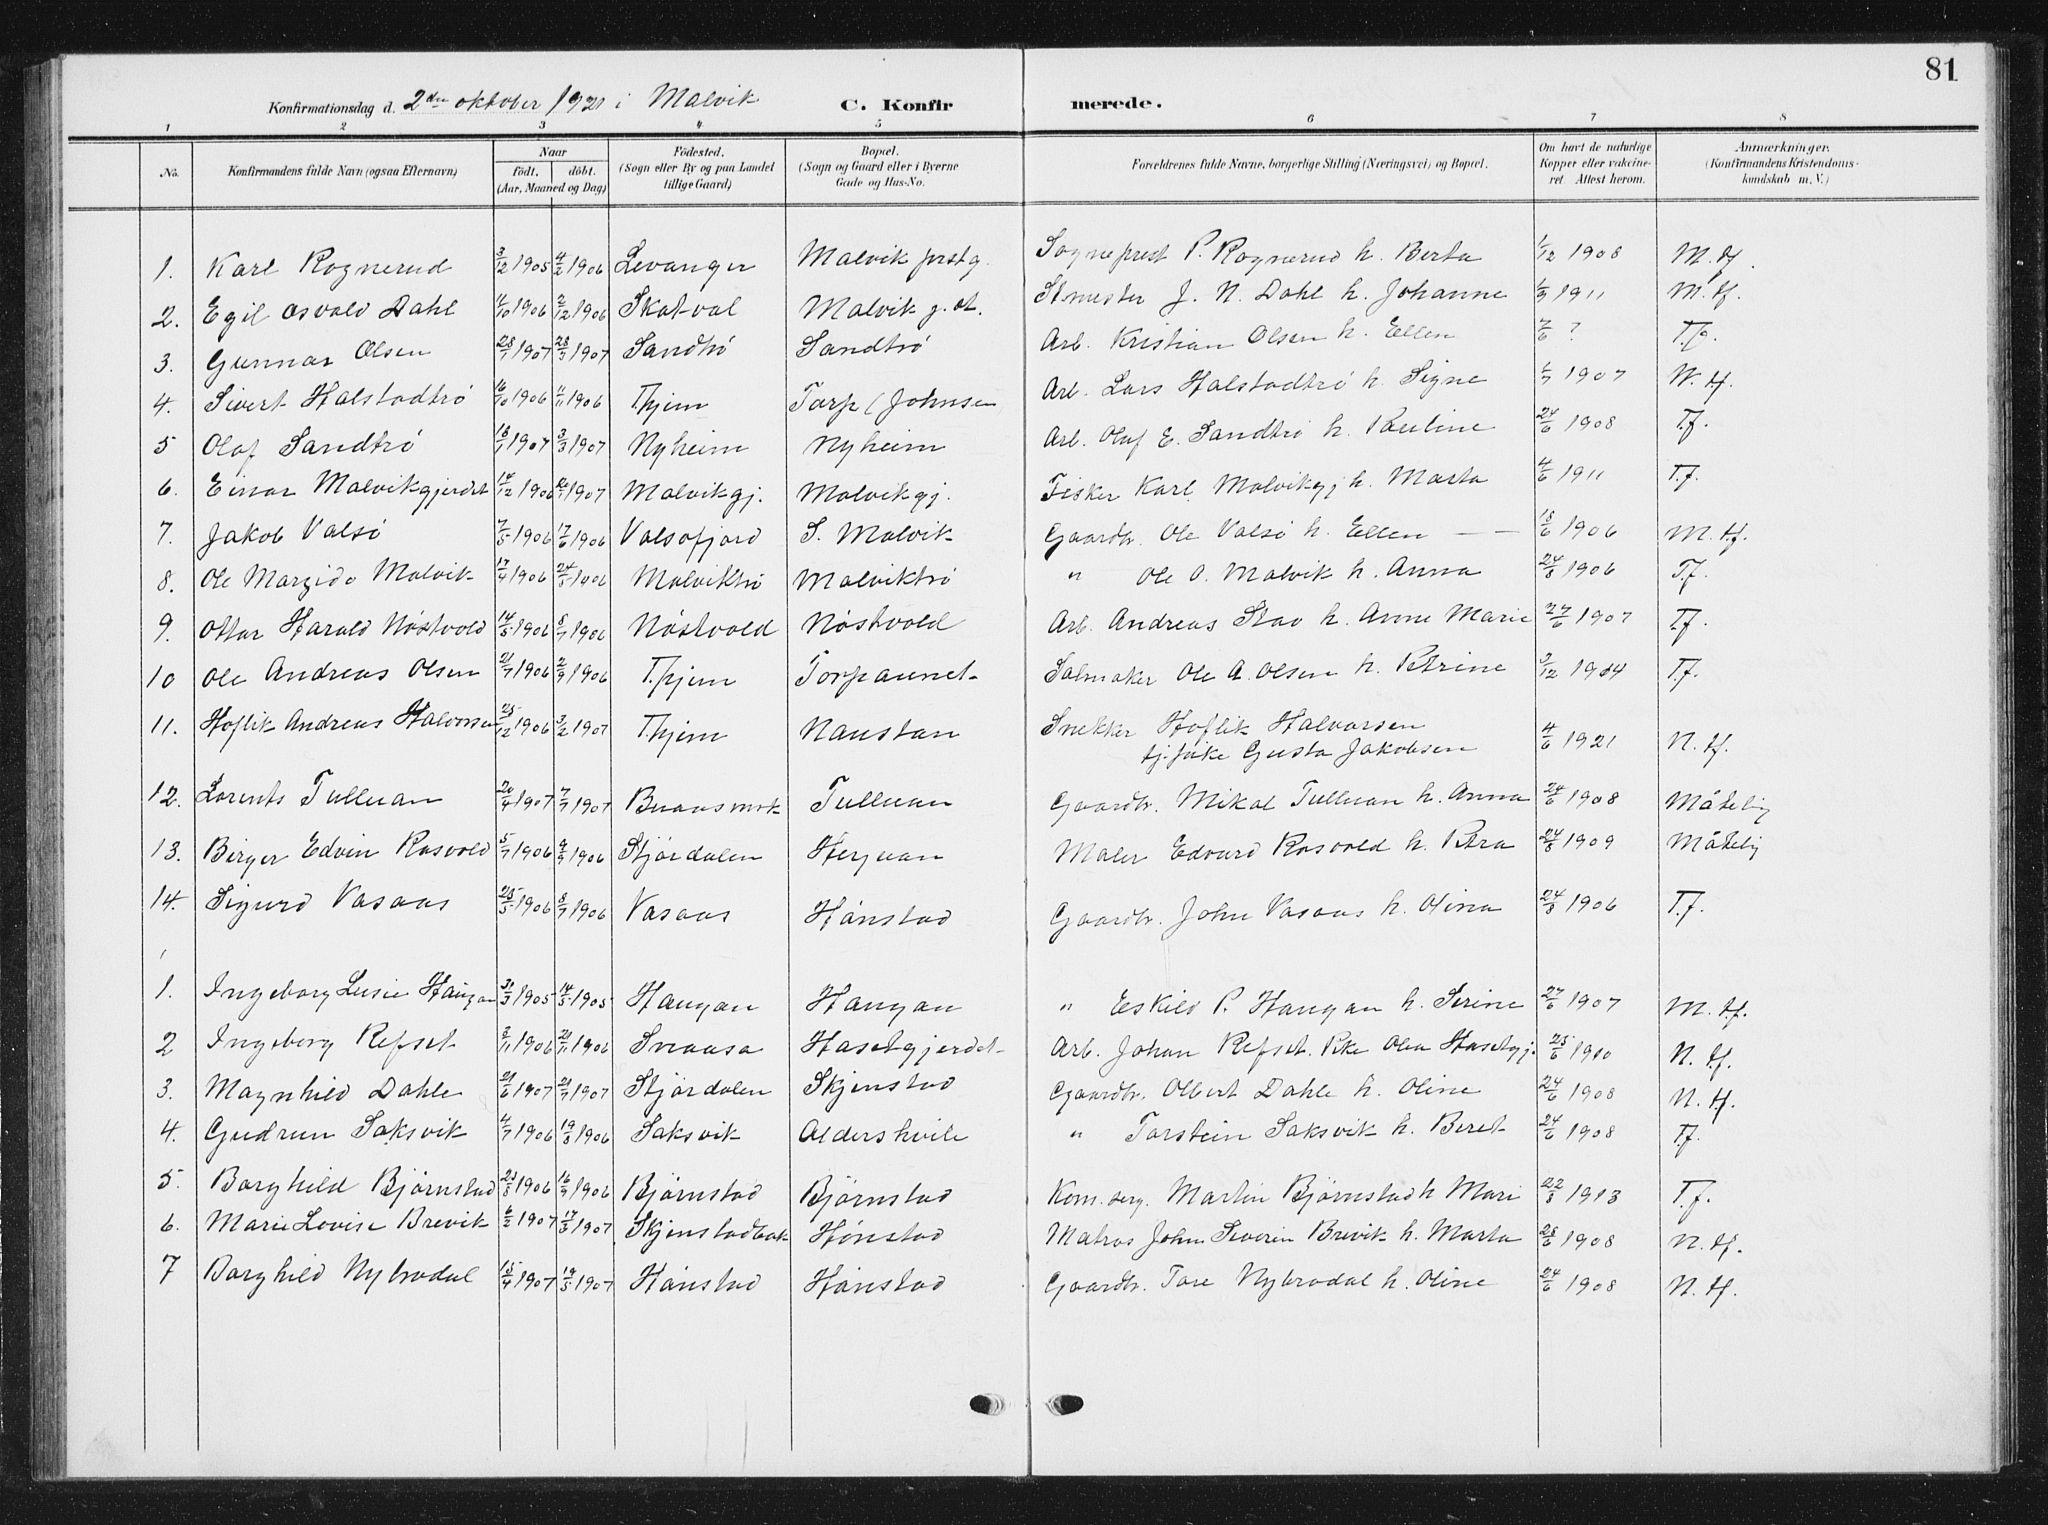 SAT, Ministerialprotokoller, klokkerbøker og fødselsregistre - Sør-Trøndelag, 616/L0424: Klokkerbok nr. 616C07, 1904-1940, s. 81